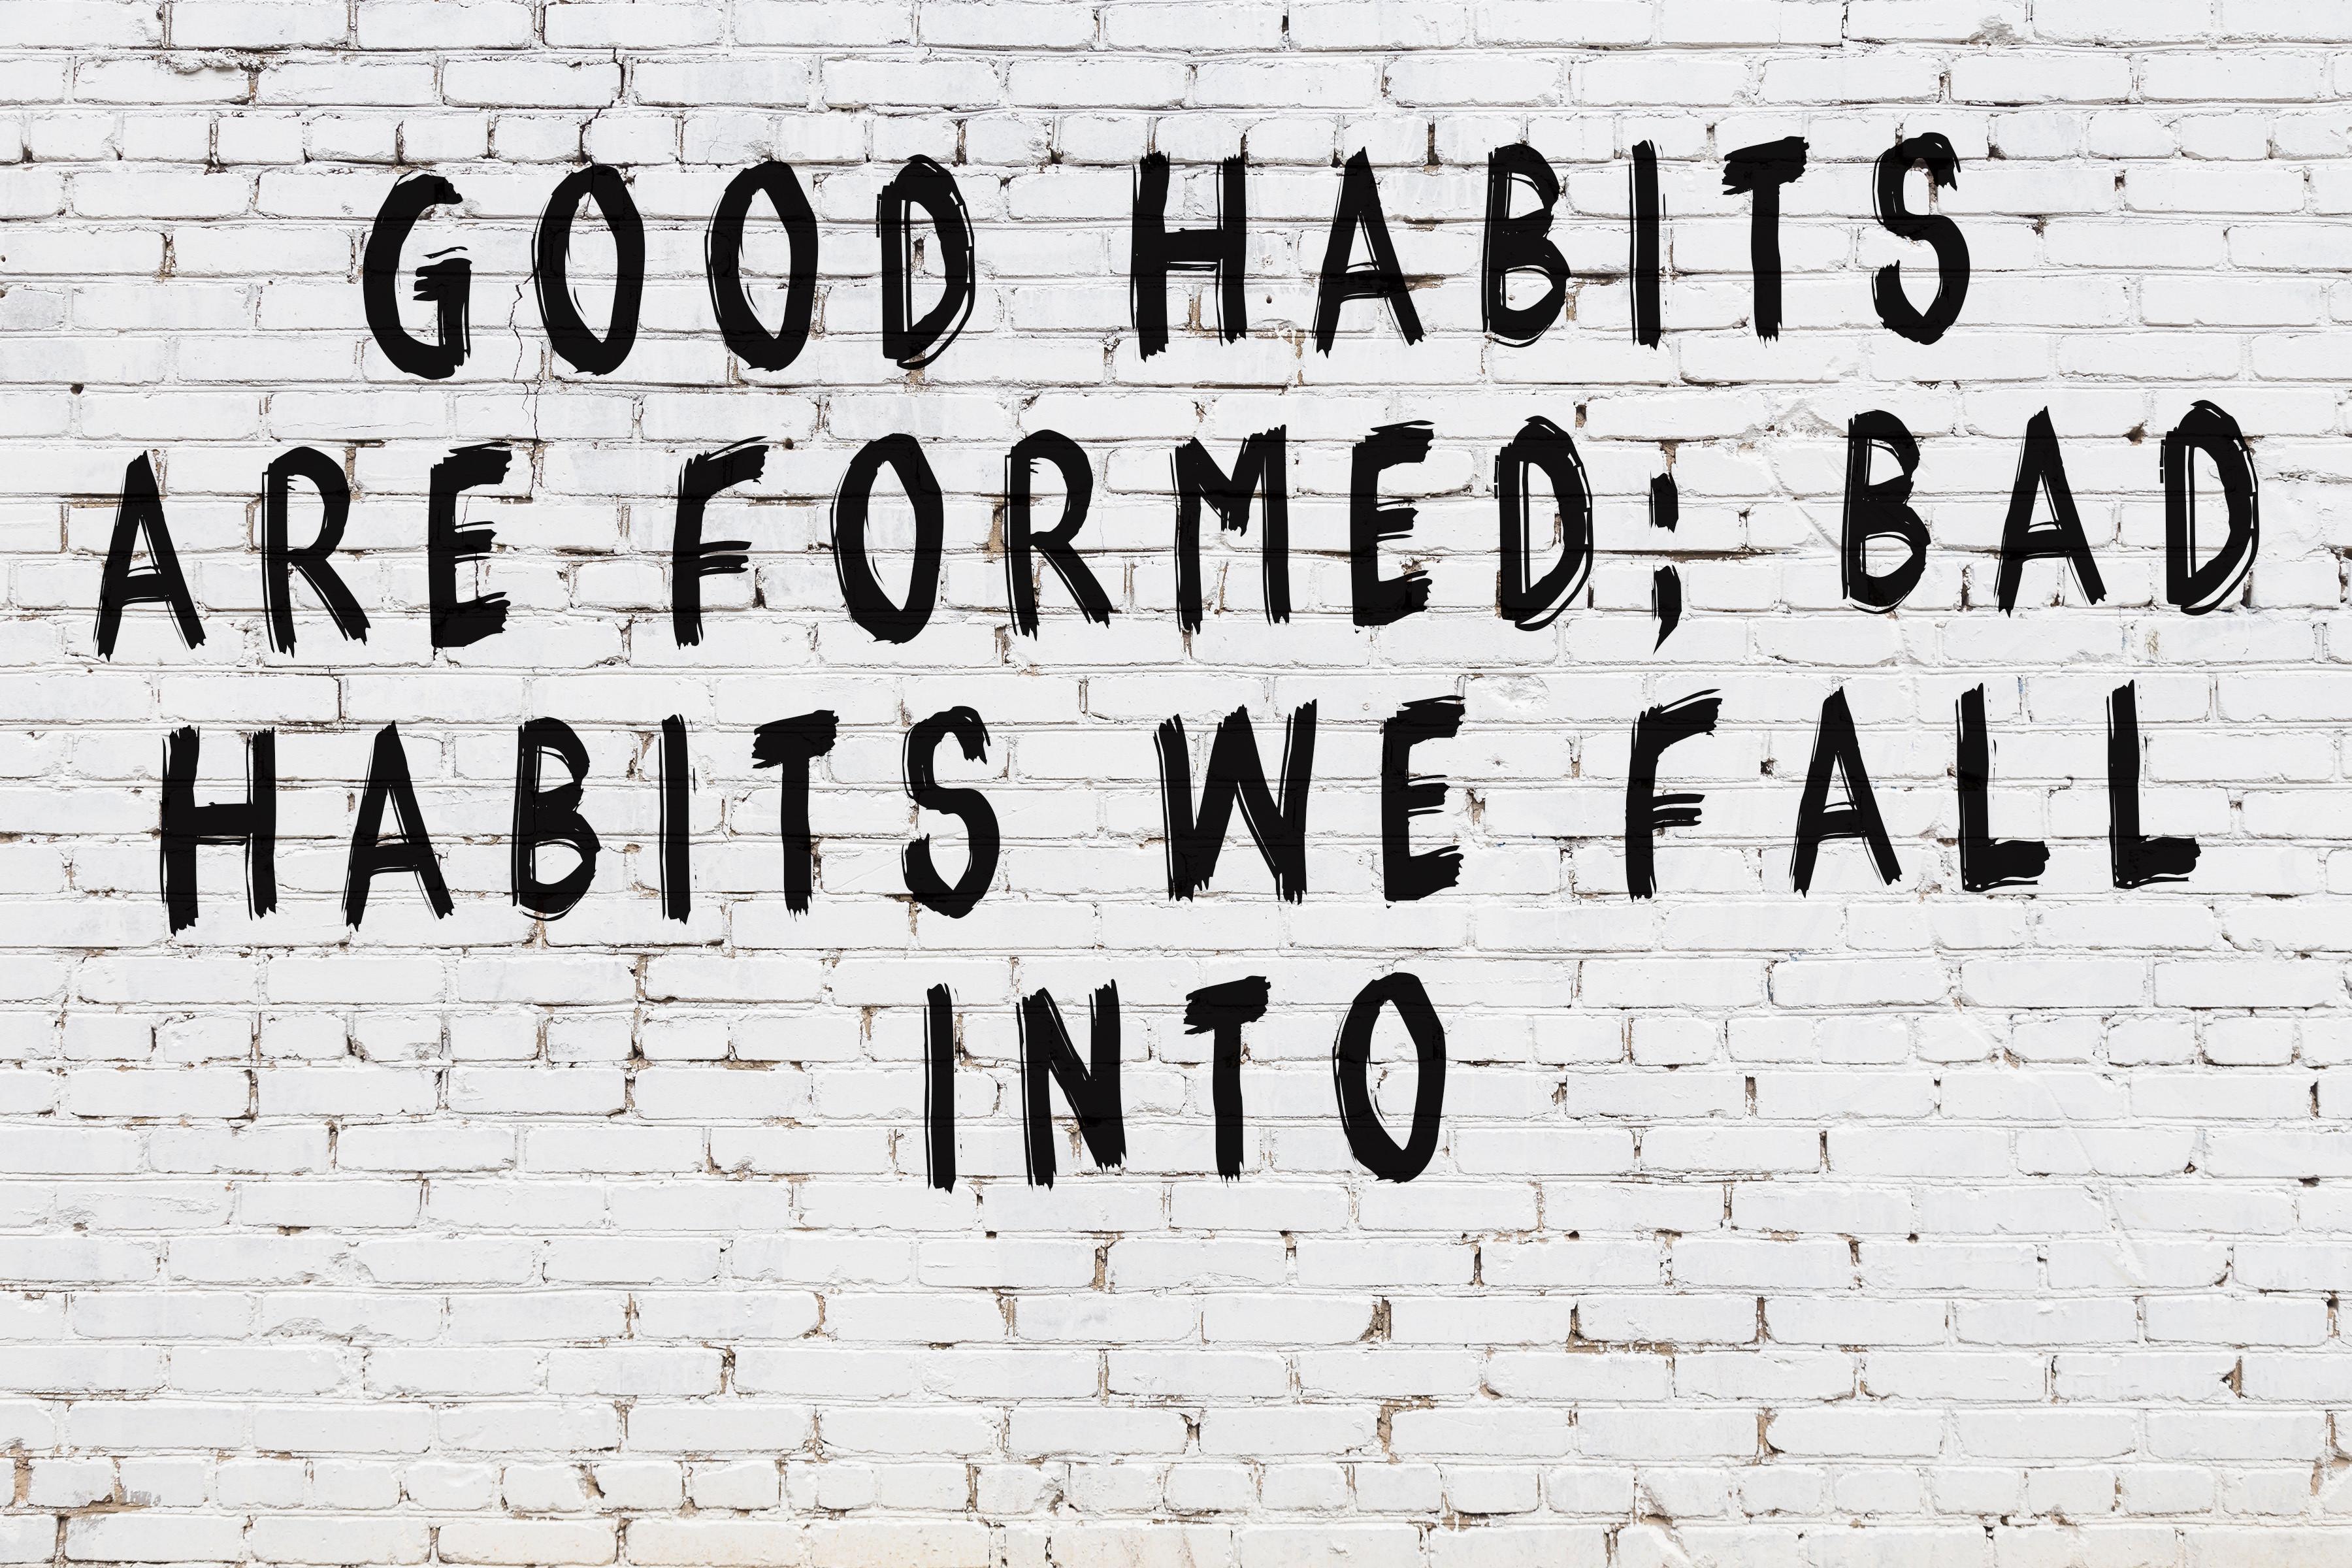 The Habit Forming Workshop